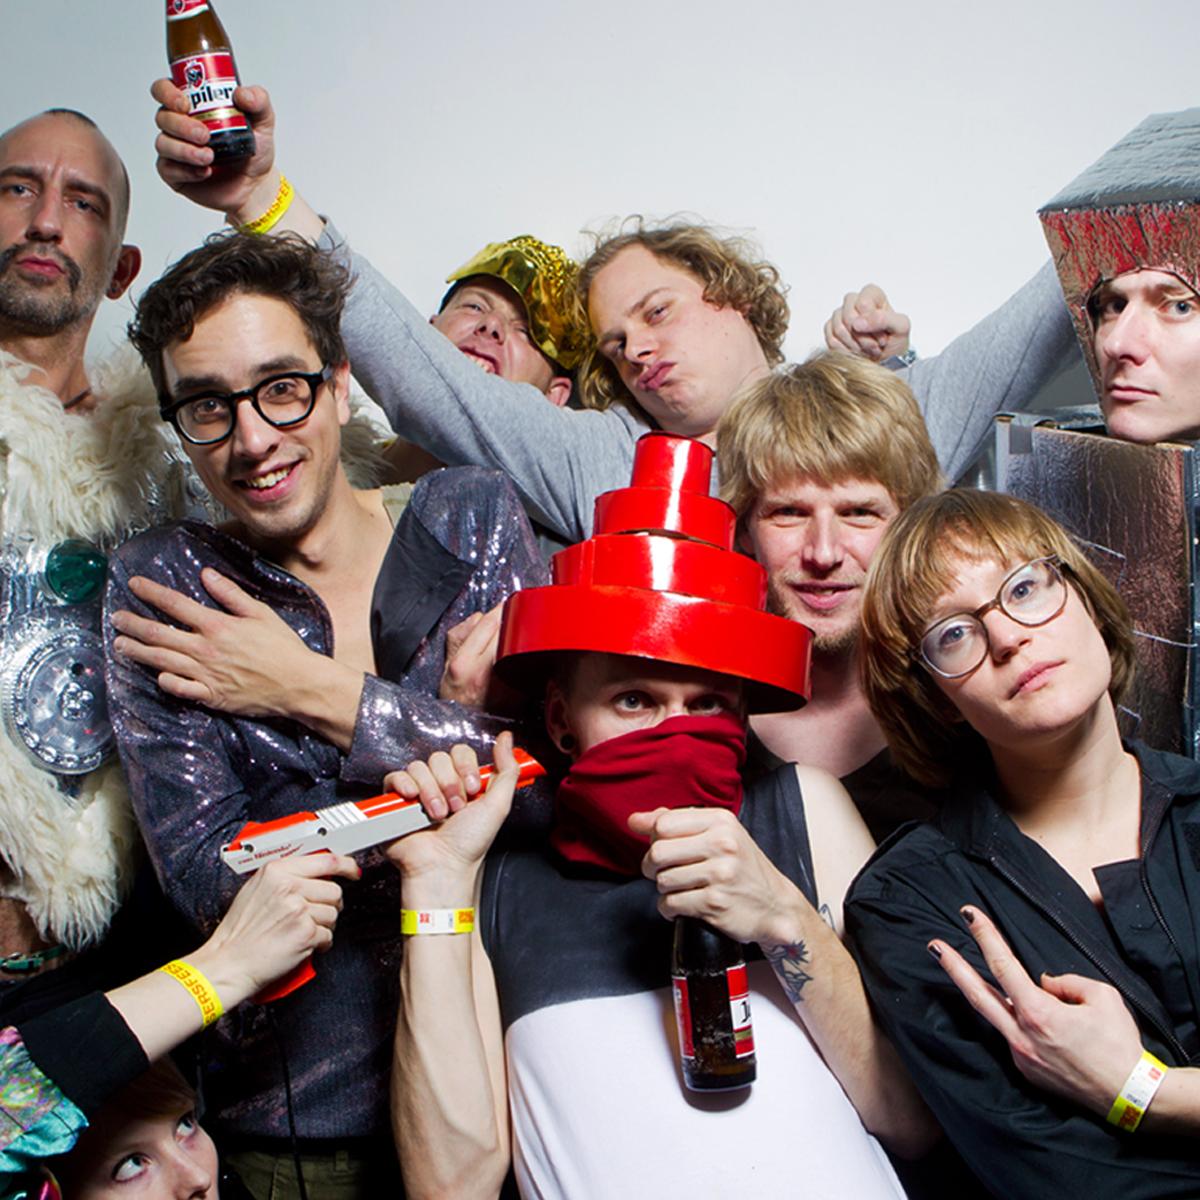 SingerSweatShop crew. Picture by Aad Hoogendoorn